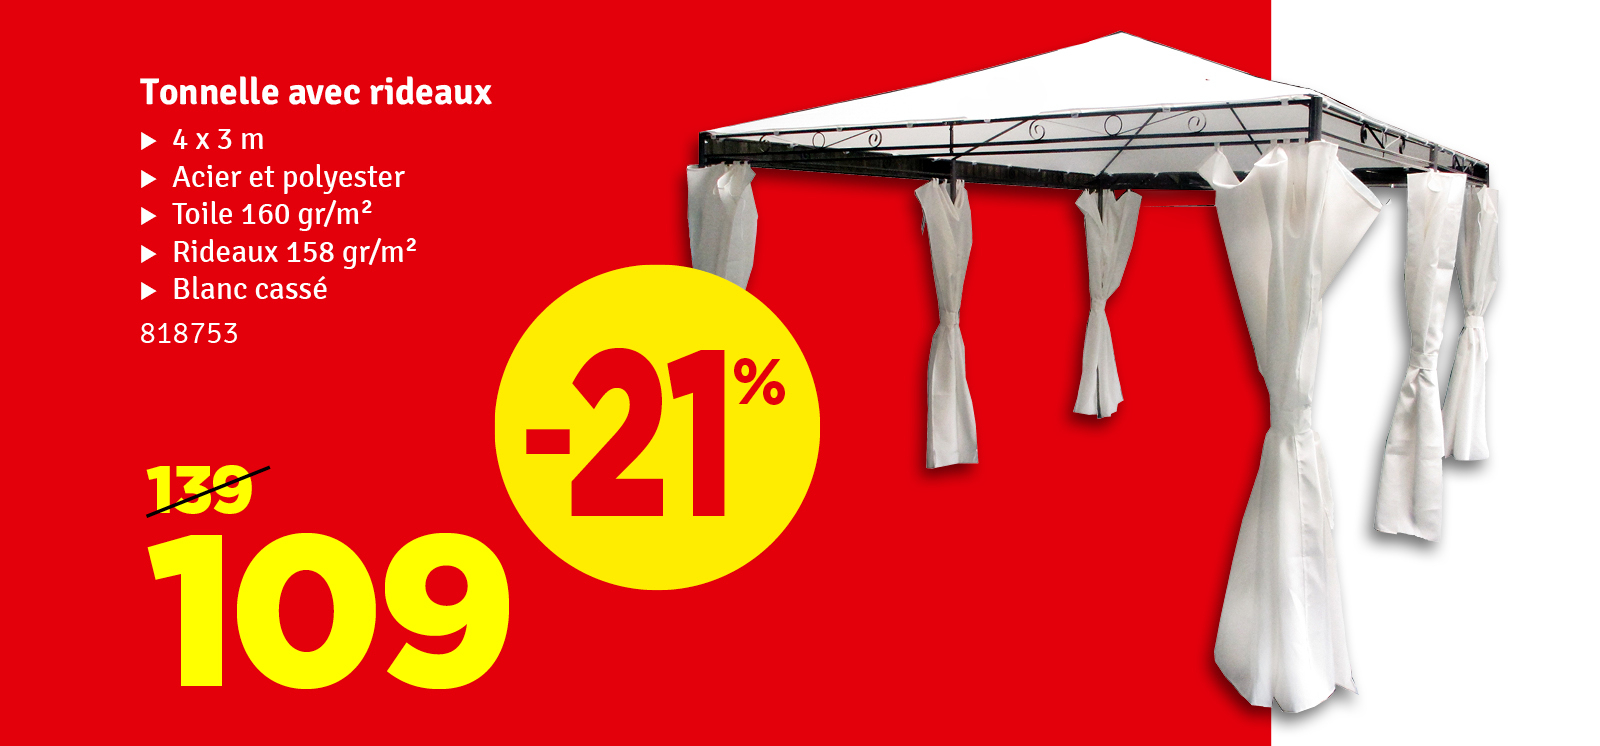 Promo - Tonnelle avec rideaux 4 x 3 m